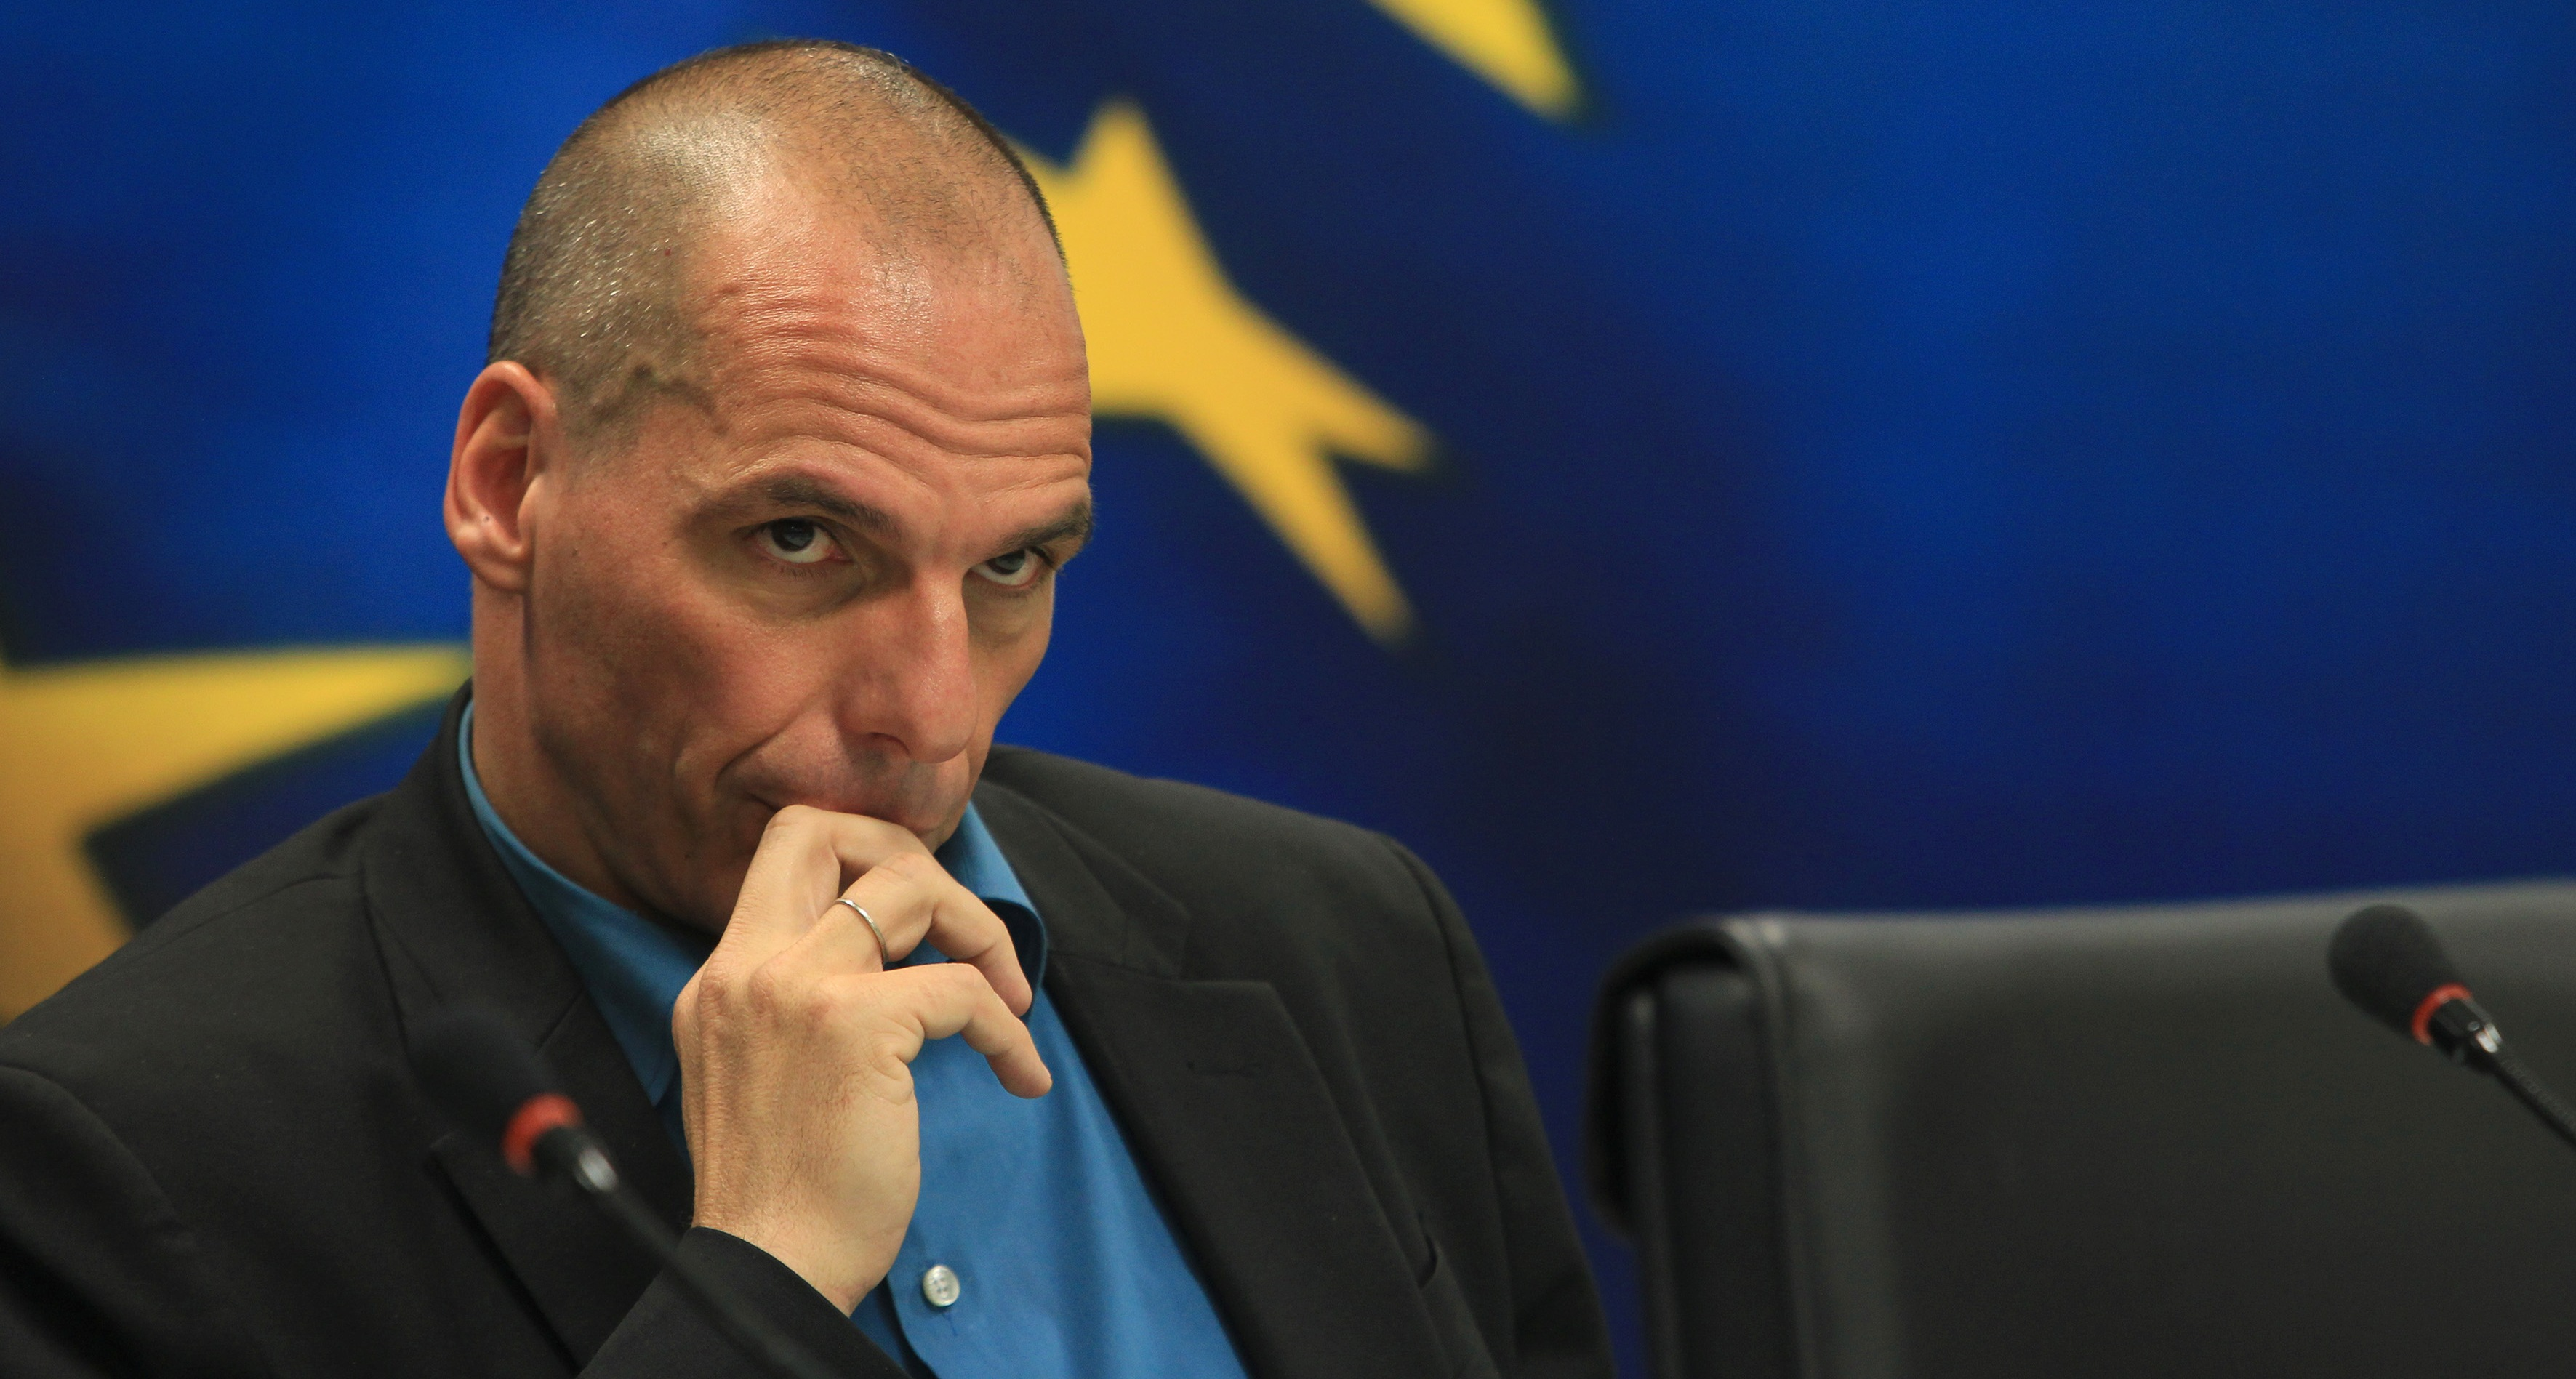 Varoufakis will go to the Eurogroup prepared